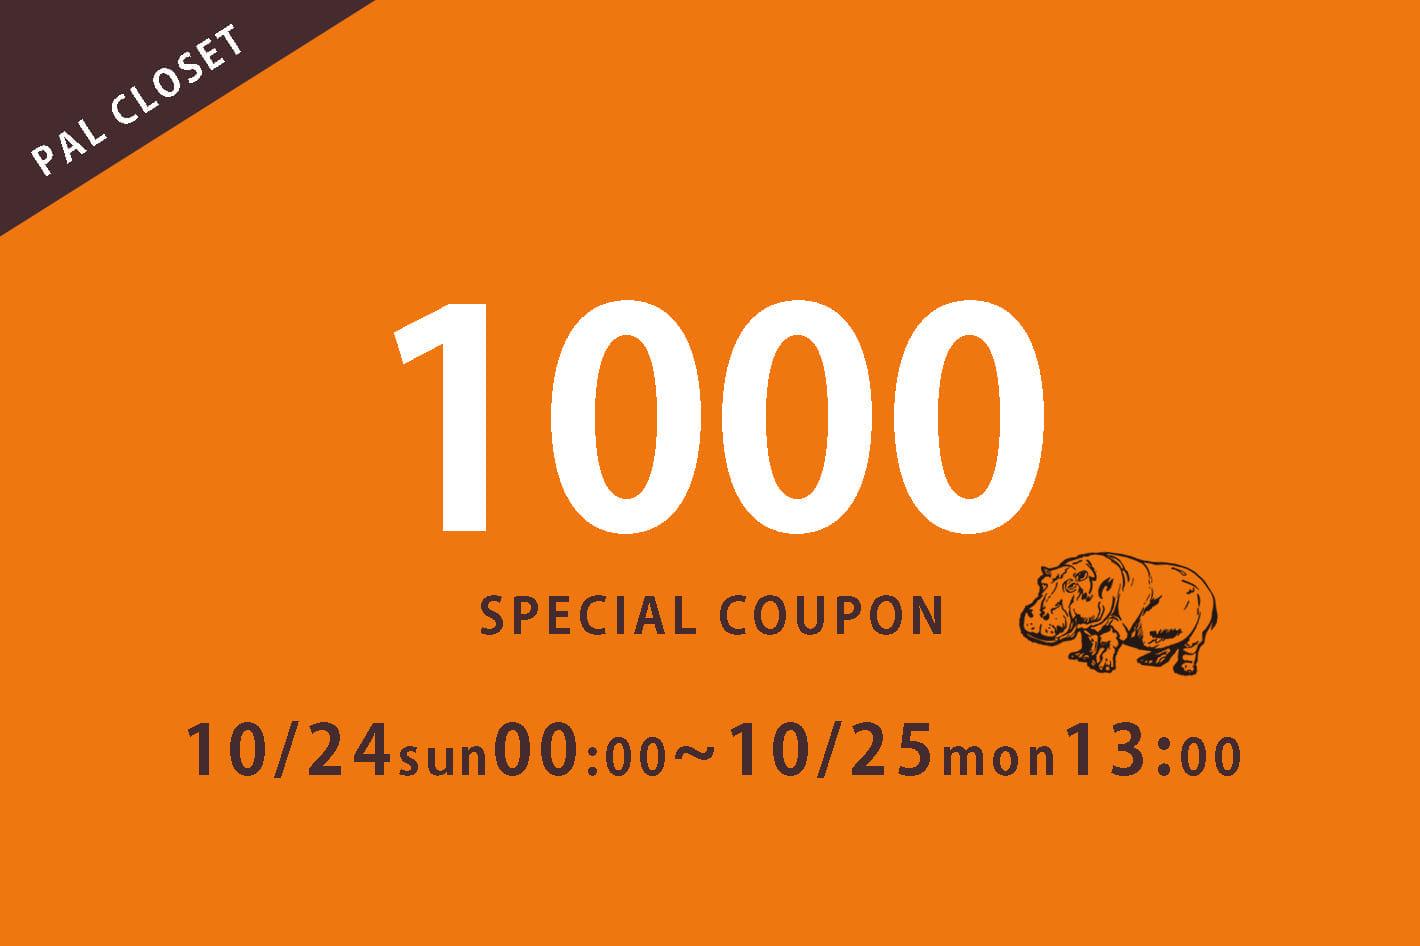 【ear PAPILLONNER】お買い物応援1,000円OFFクーポン